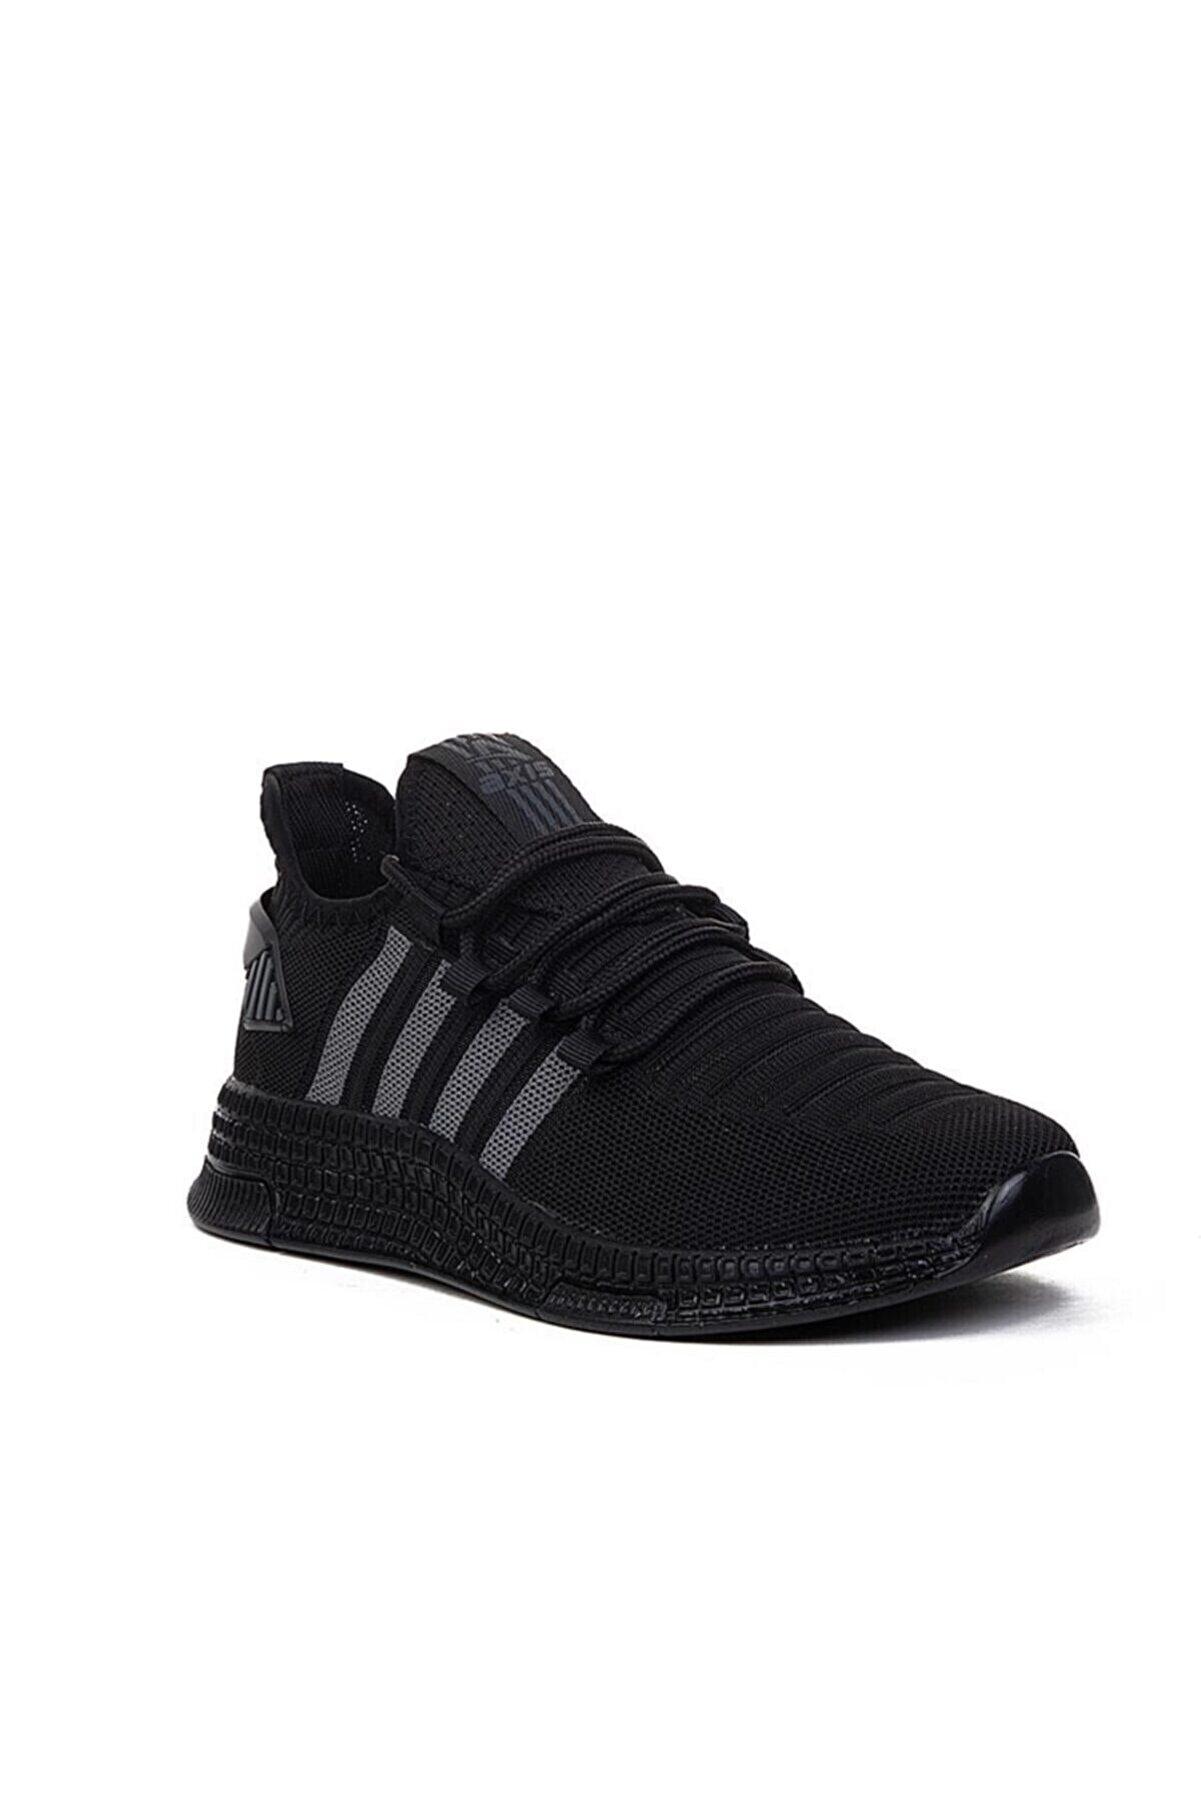 AlbiShoes Unisex Siyah Triko Hafif Spor Ayakkabı